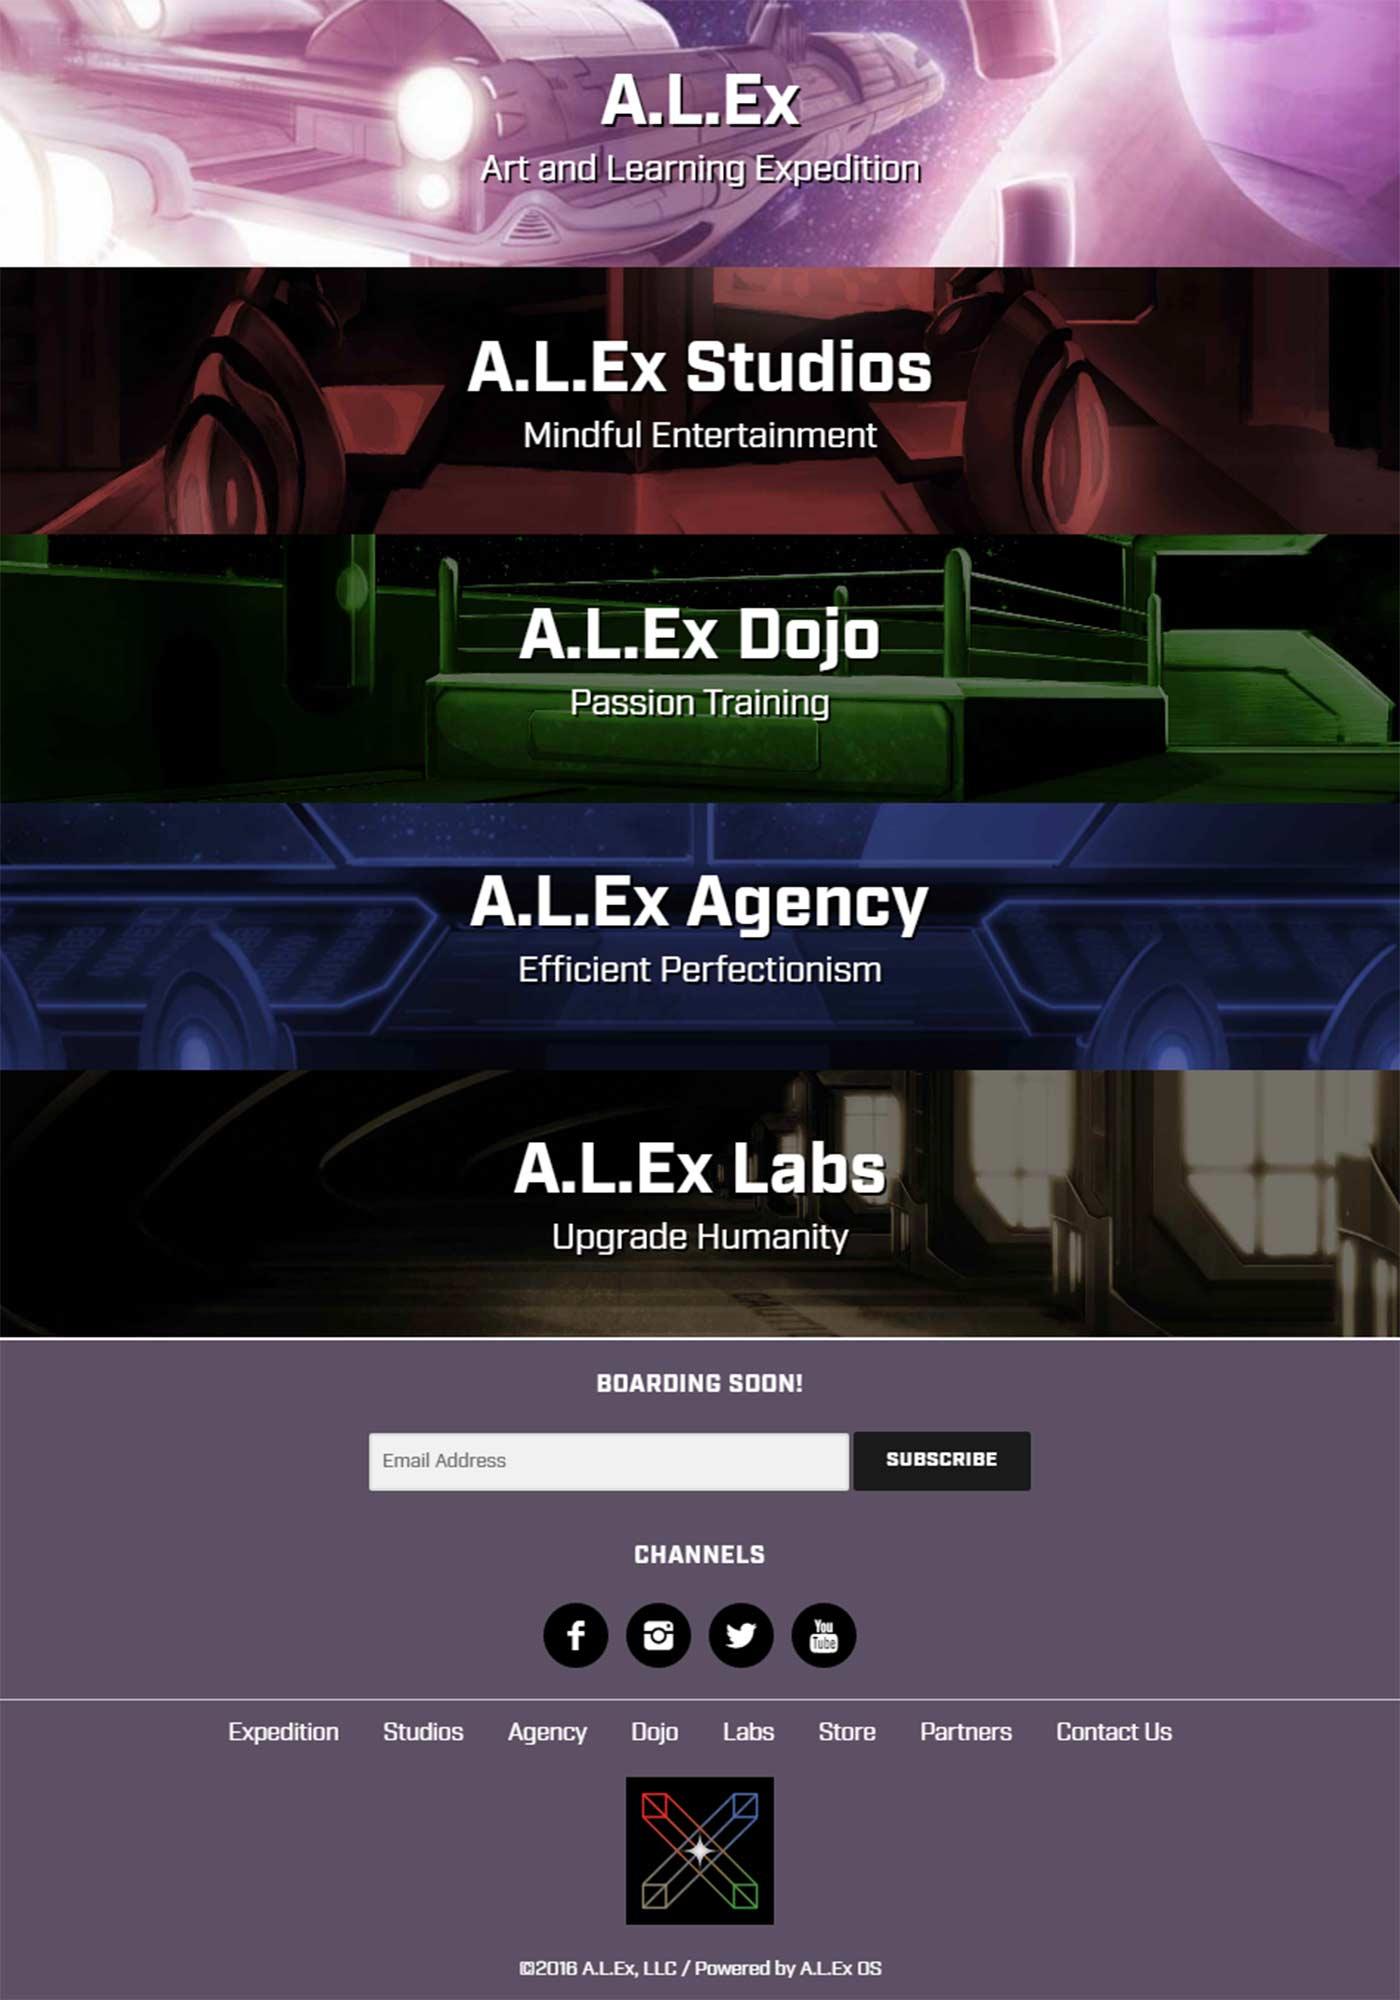 A.L.Ex, LLC